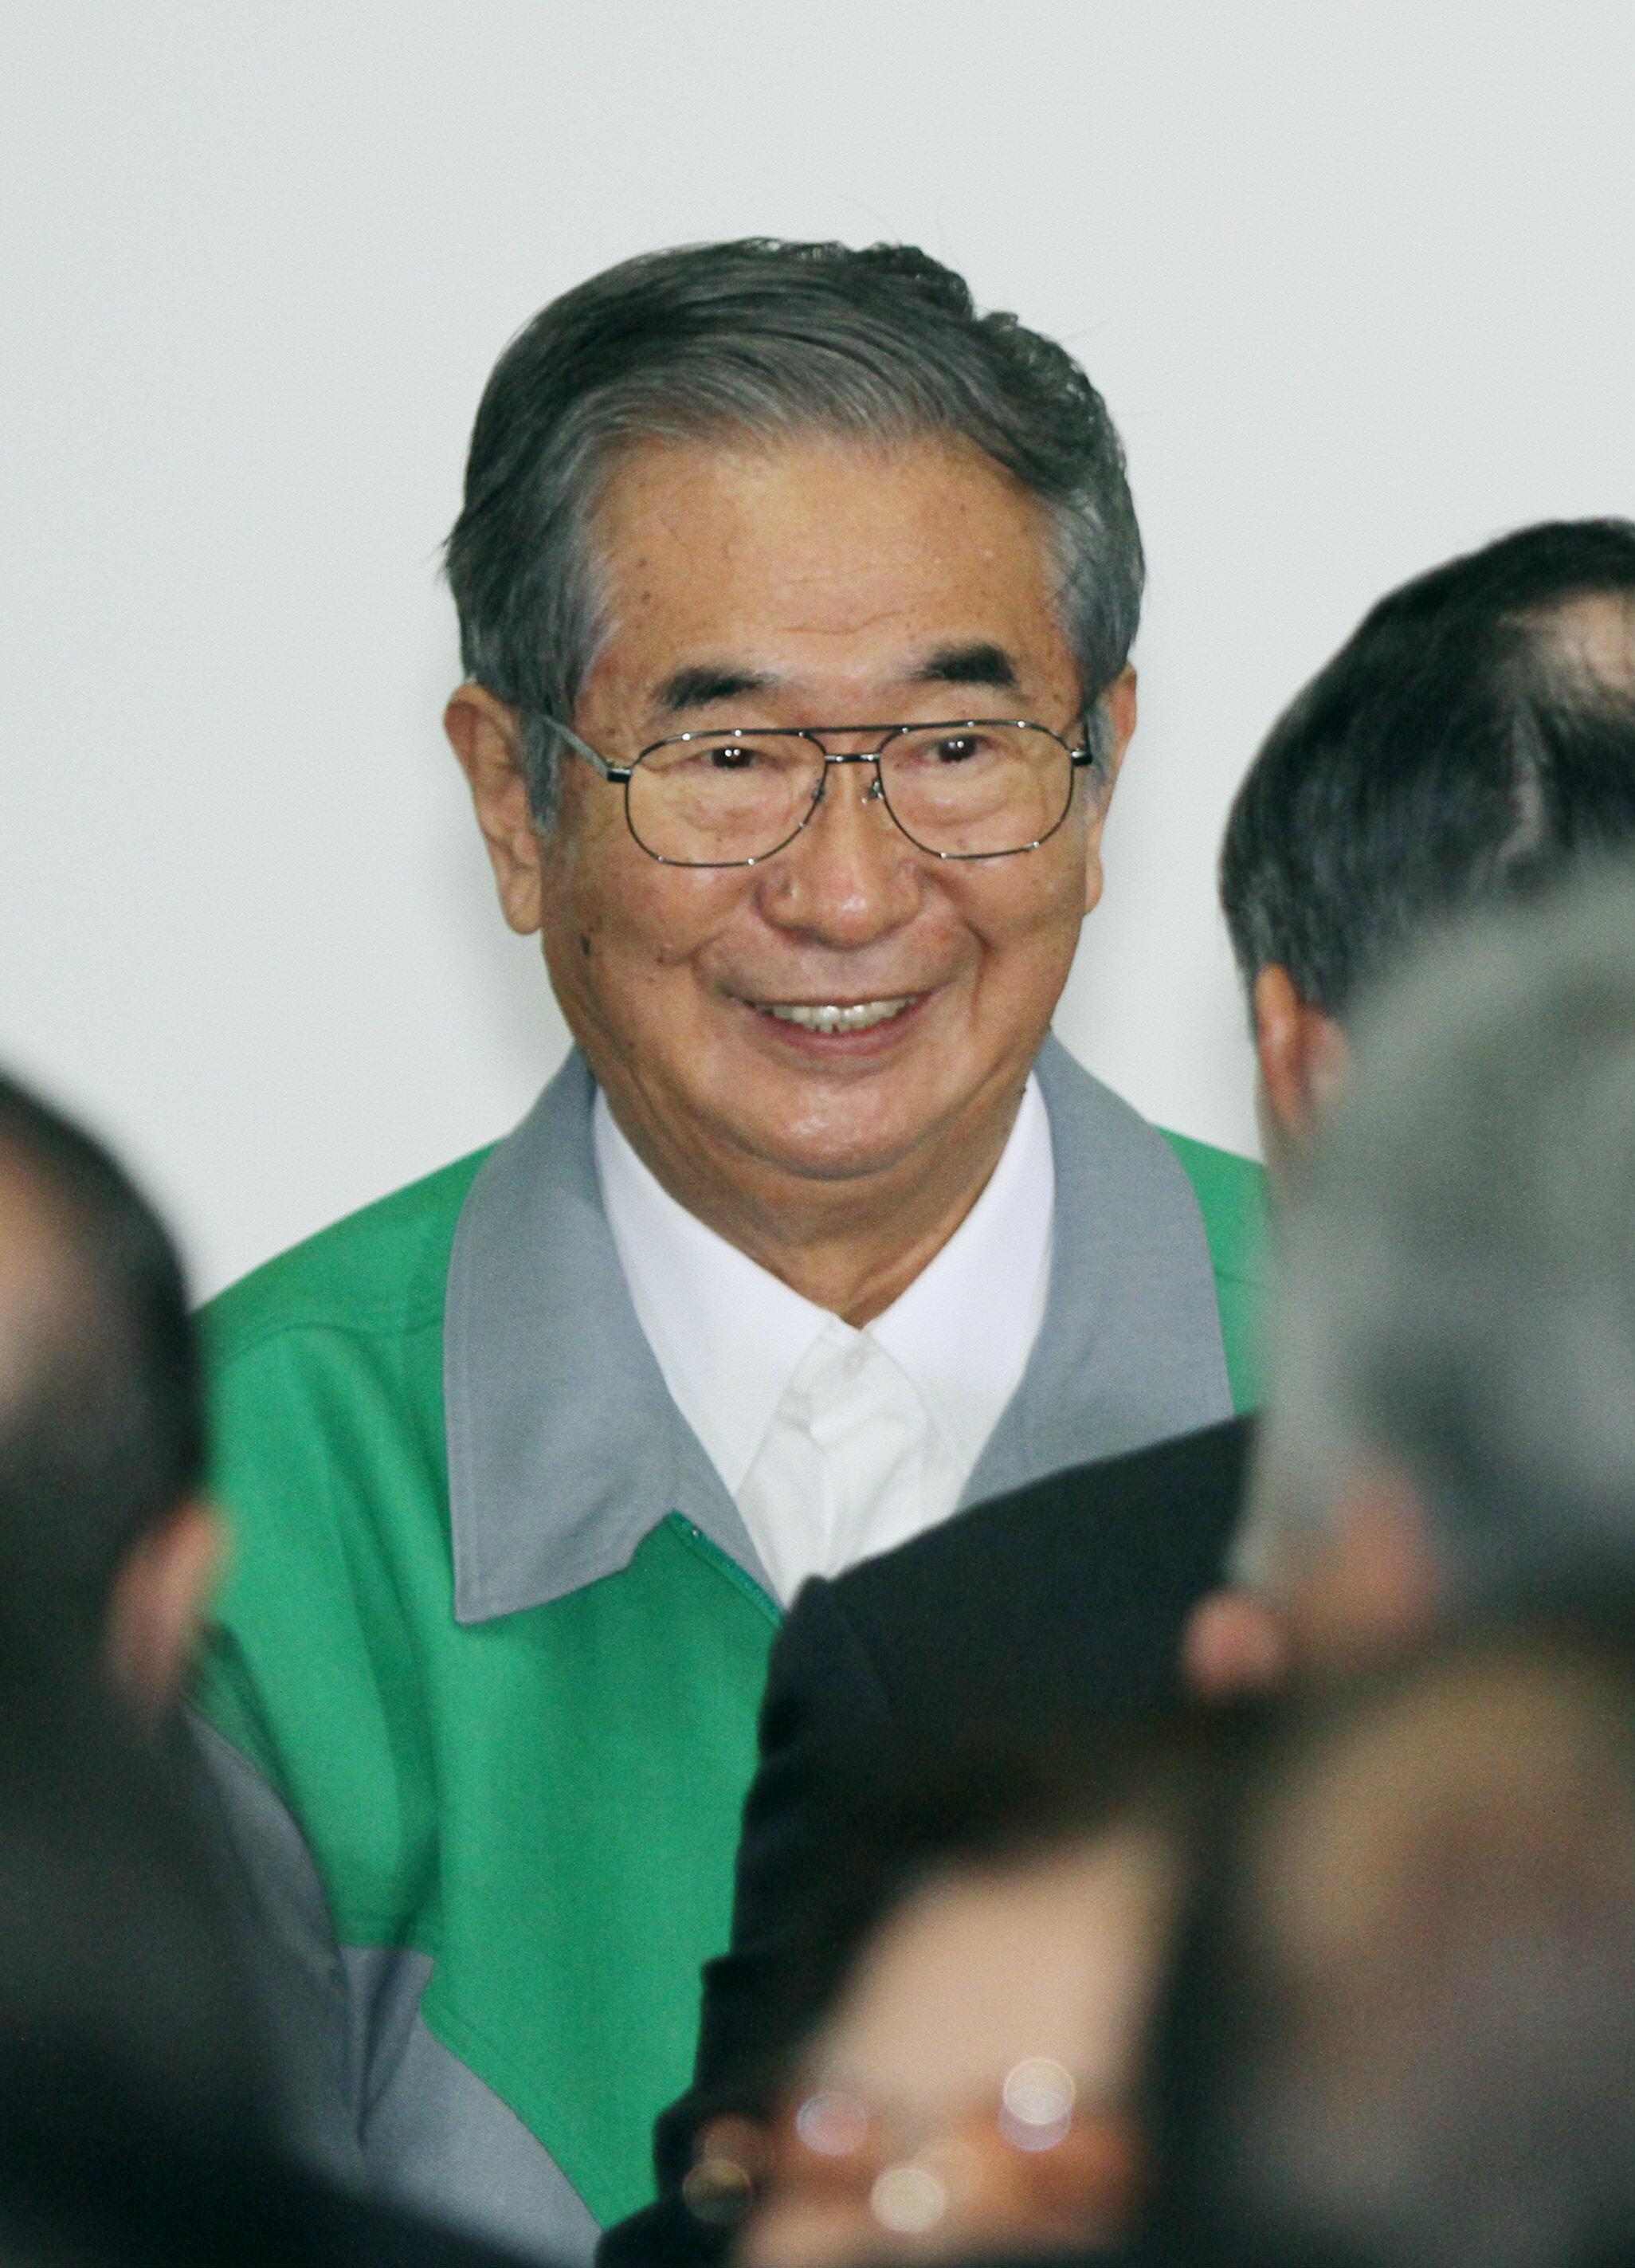 支援者に囲まれ笑顔を見せる石原慎太郎氏(2011年03月24日、港区南青山の選挙事務所)